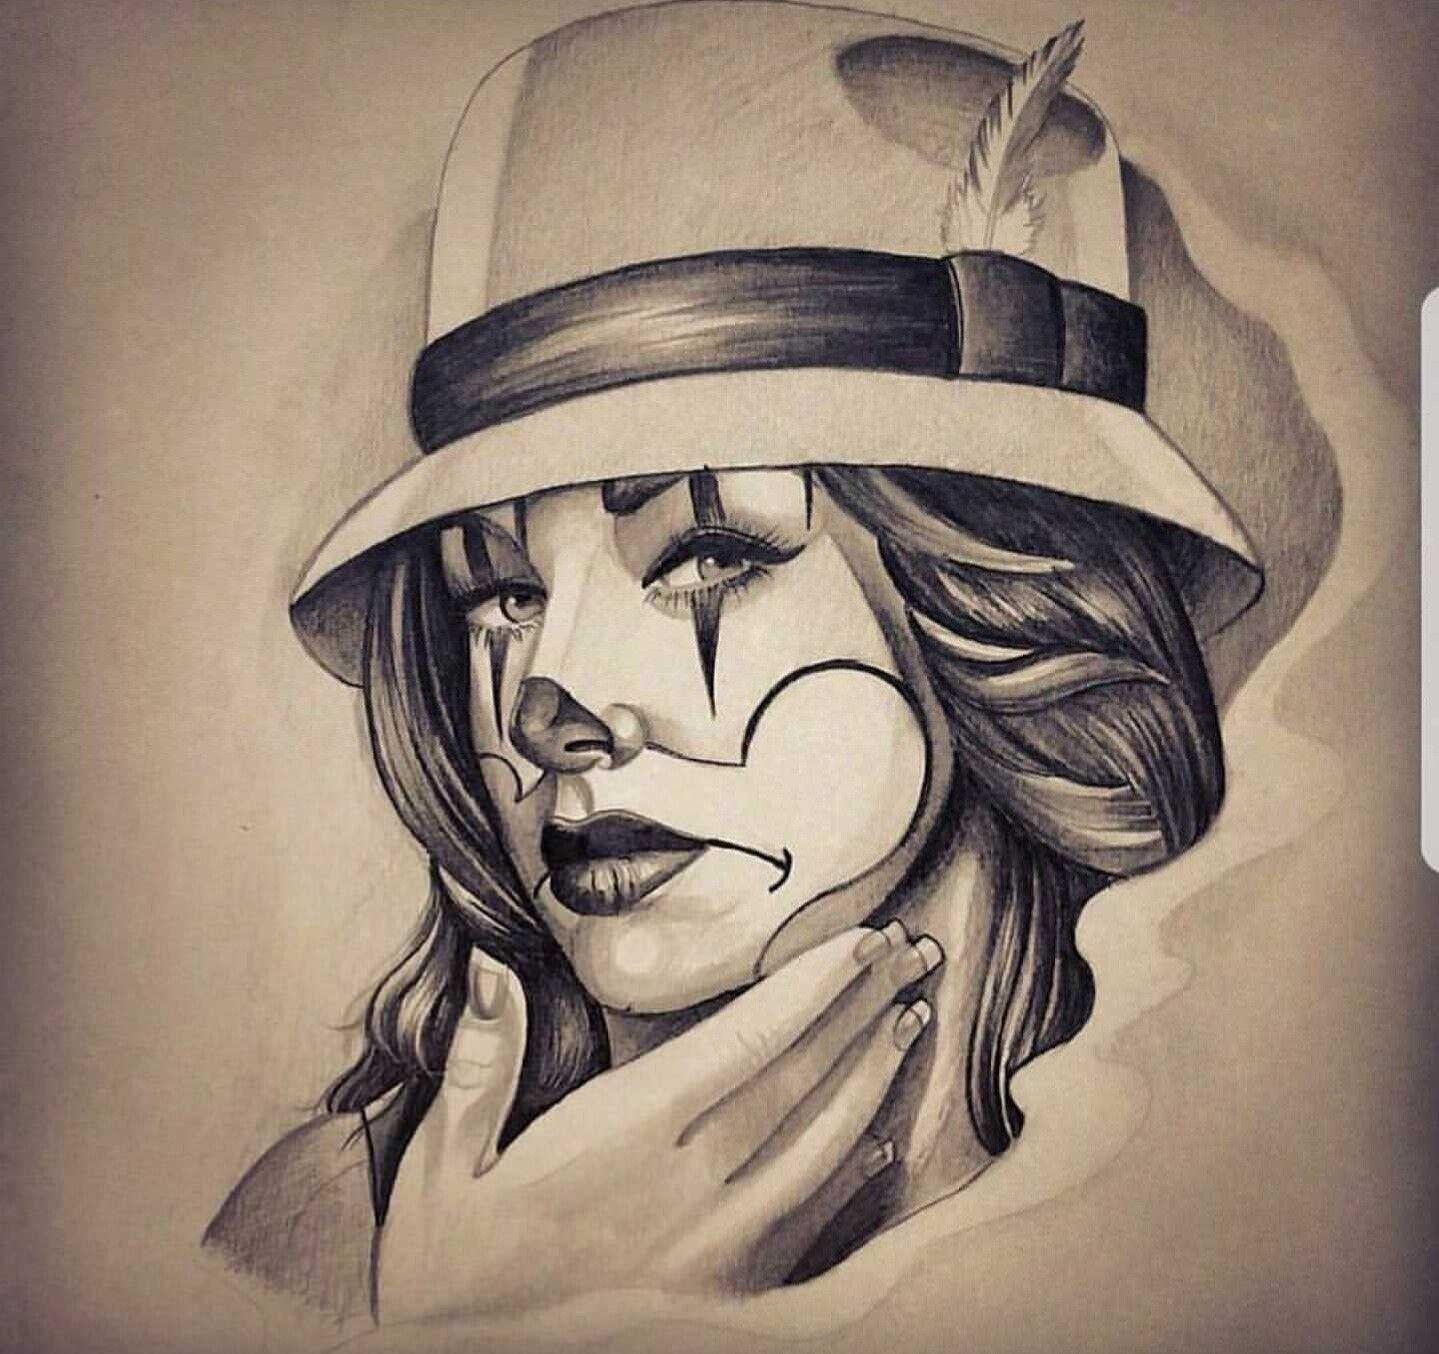 Chikana Chicano Art Chicano Tattoos Lowrider Art